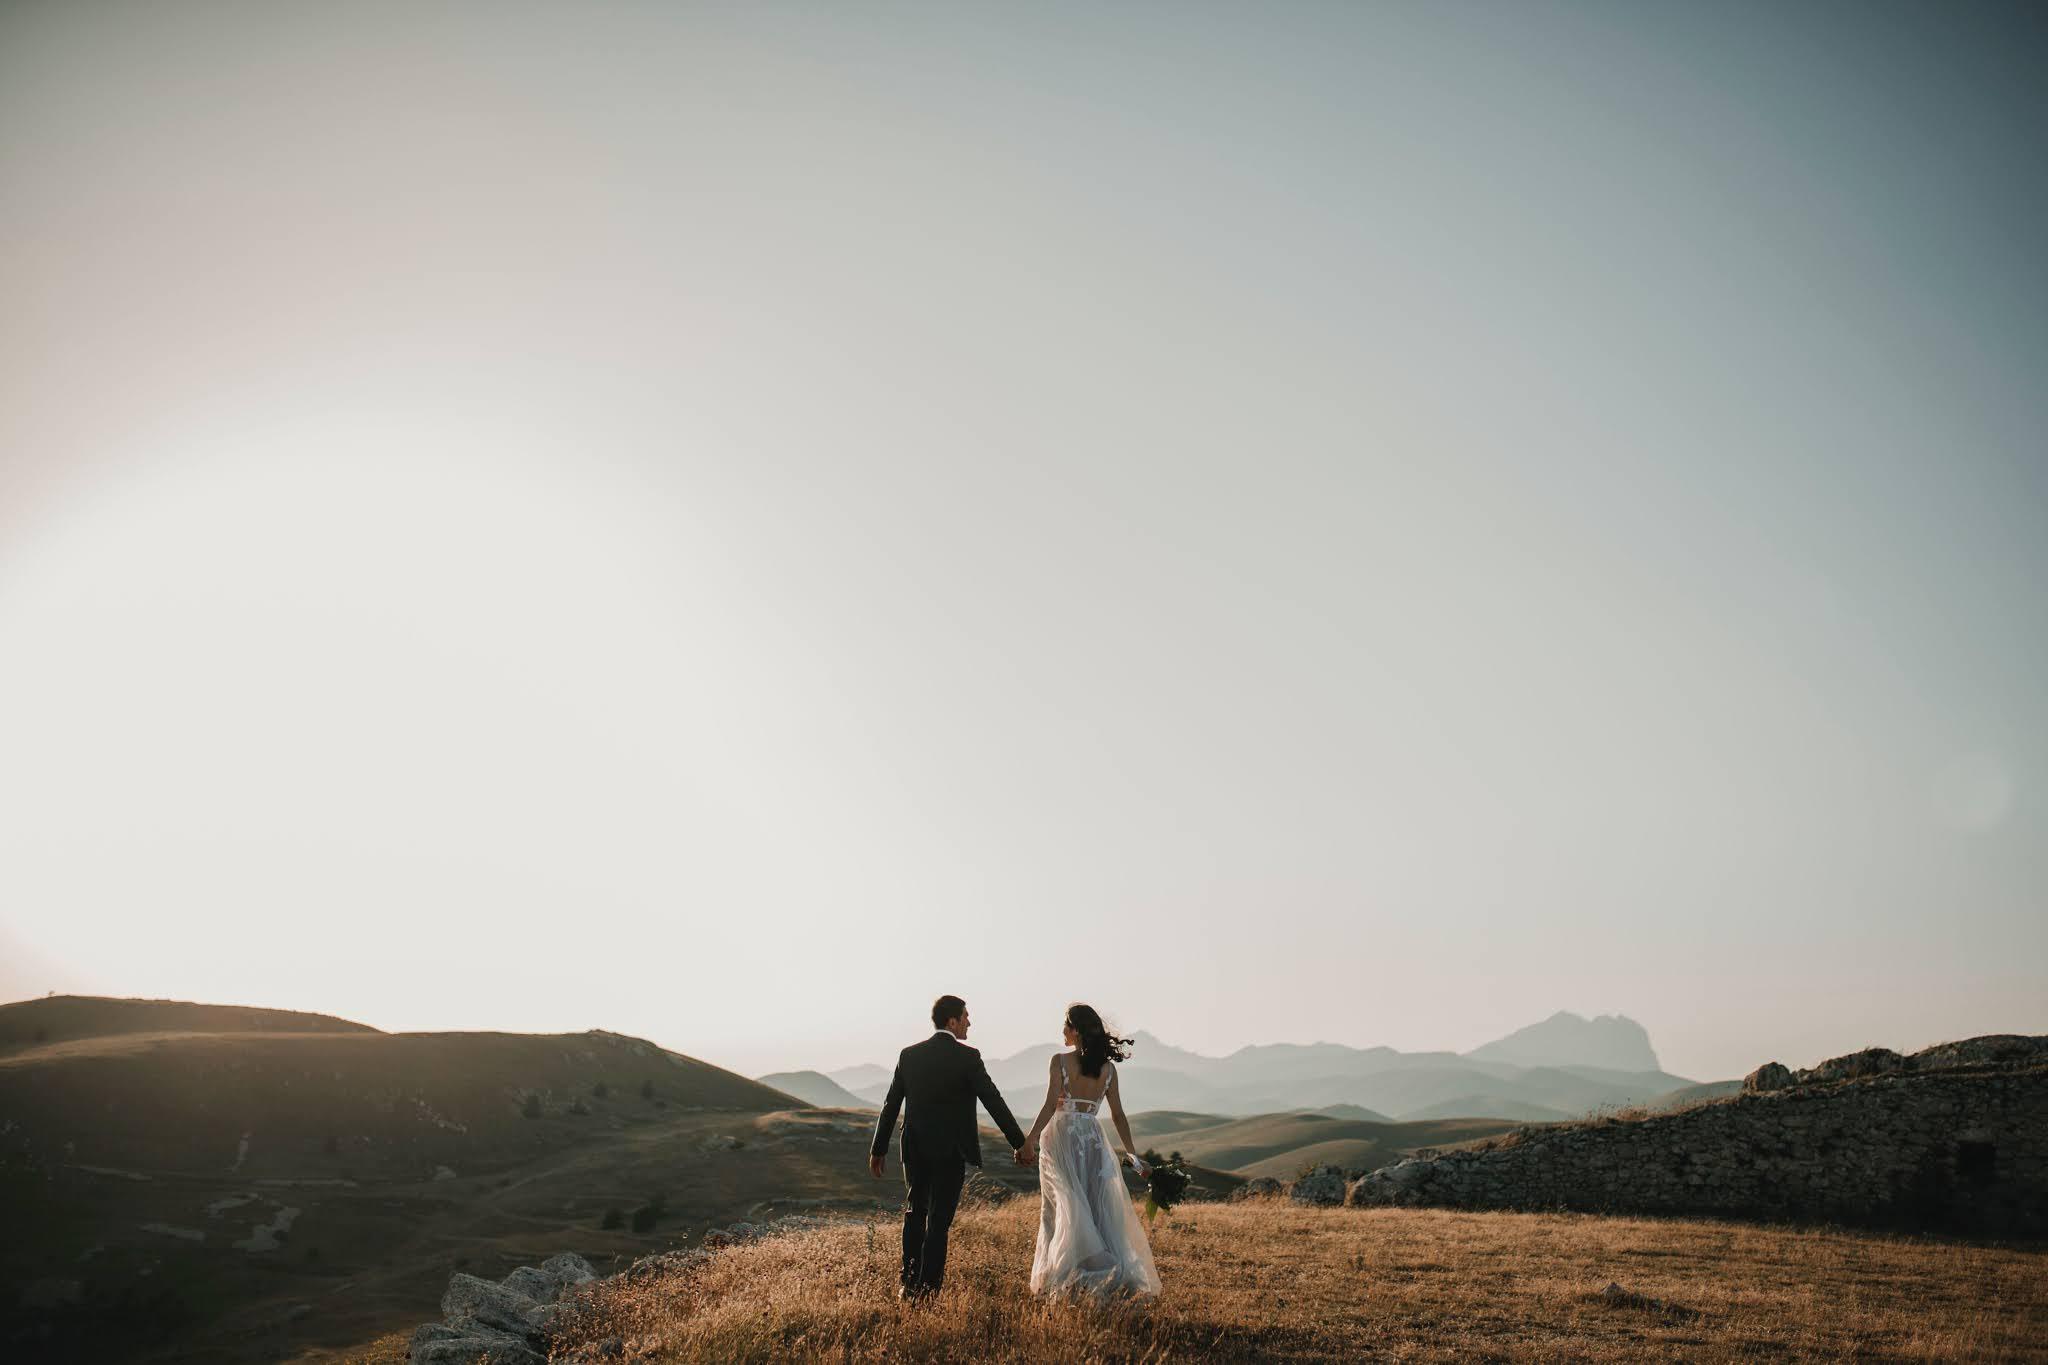 كيف اجعل زوجتي تحترمني؟